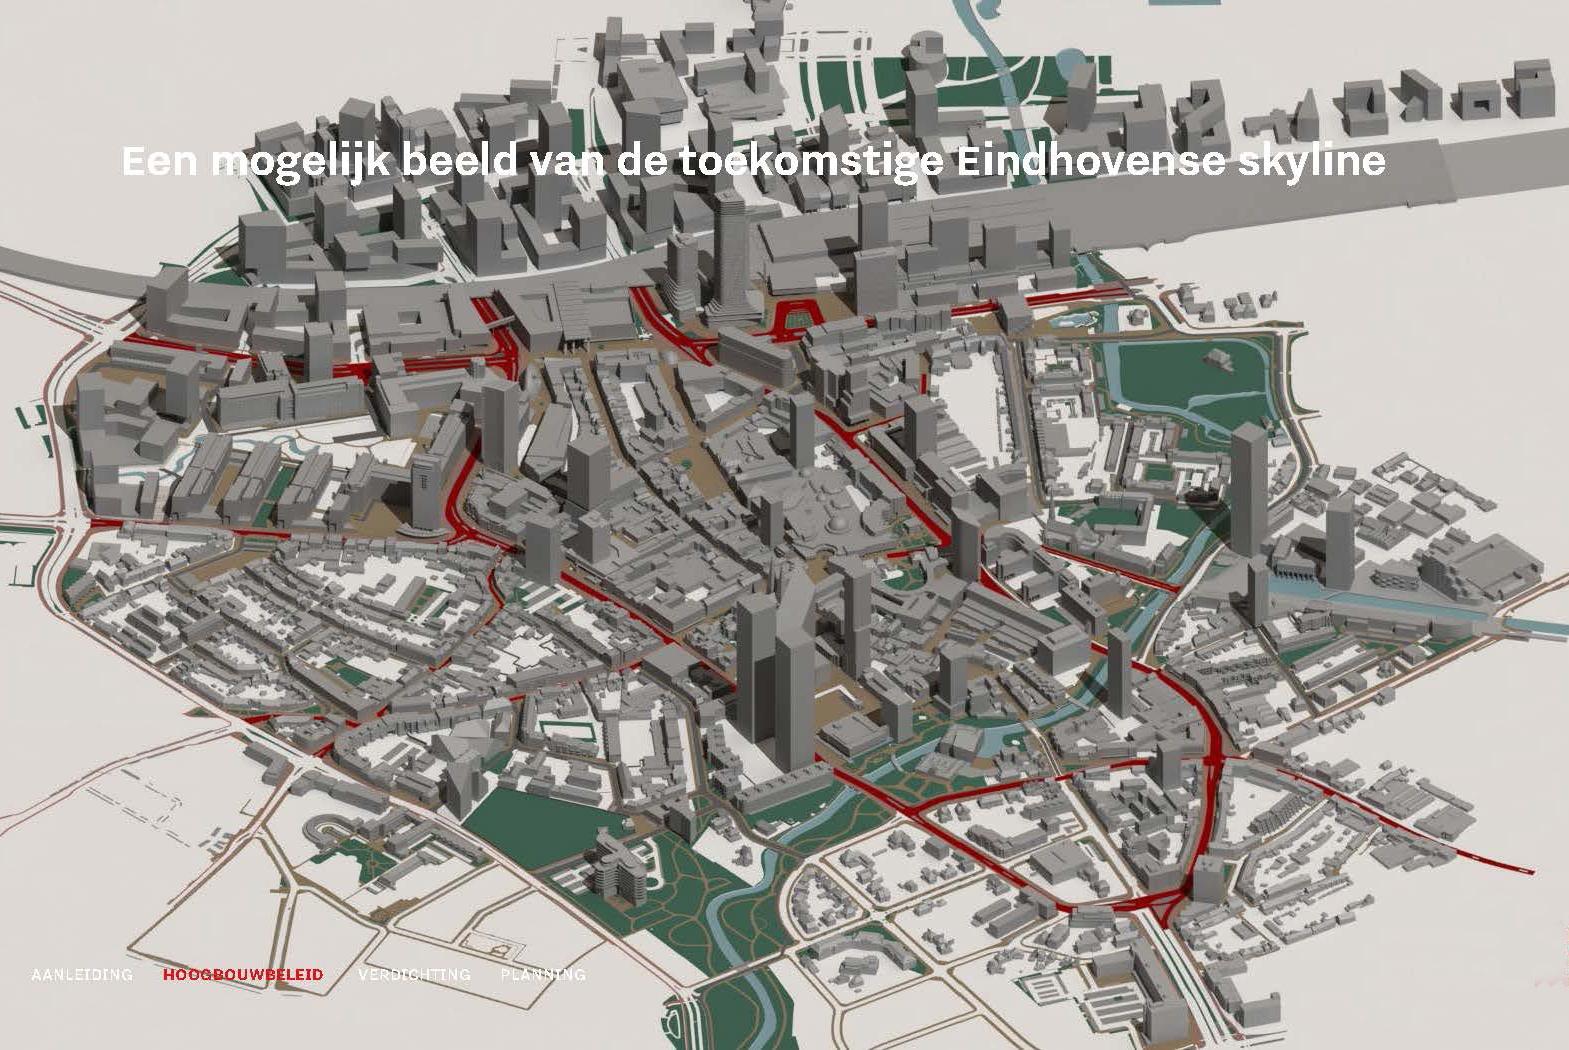 Omgevingsvisie Eindhoven: gaan we definitief de lucht in?